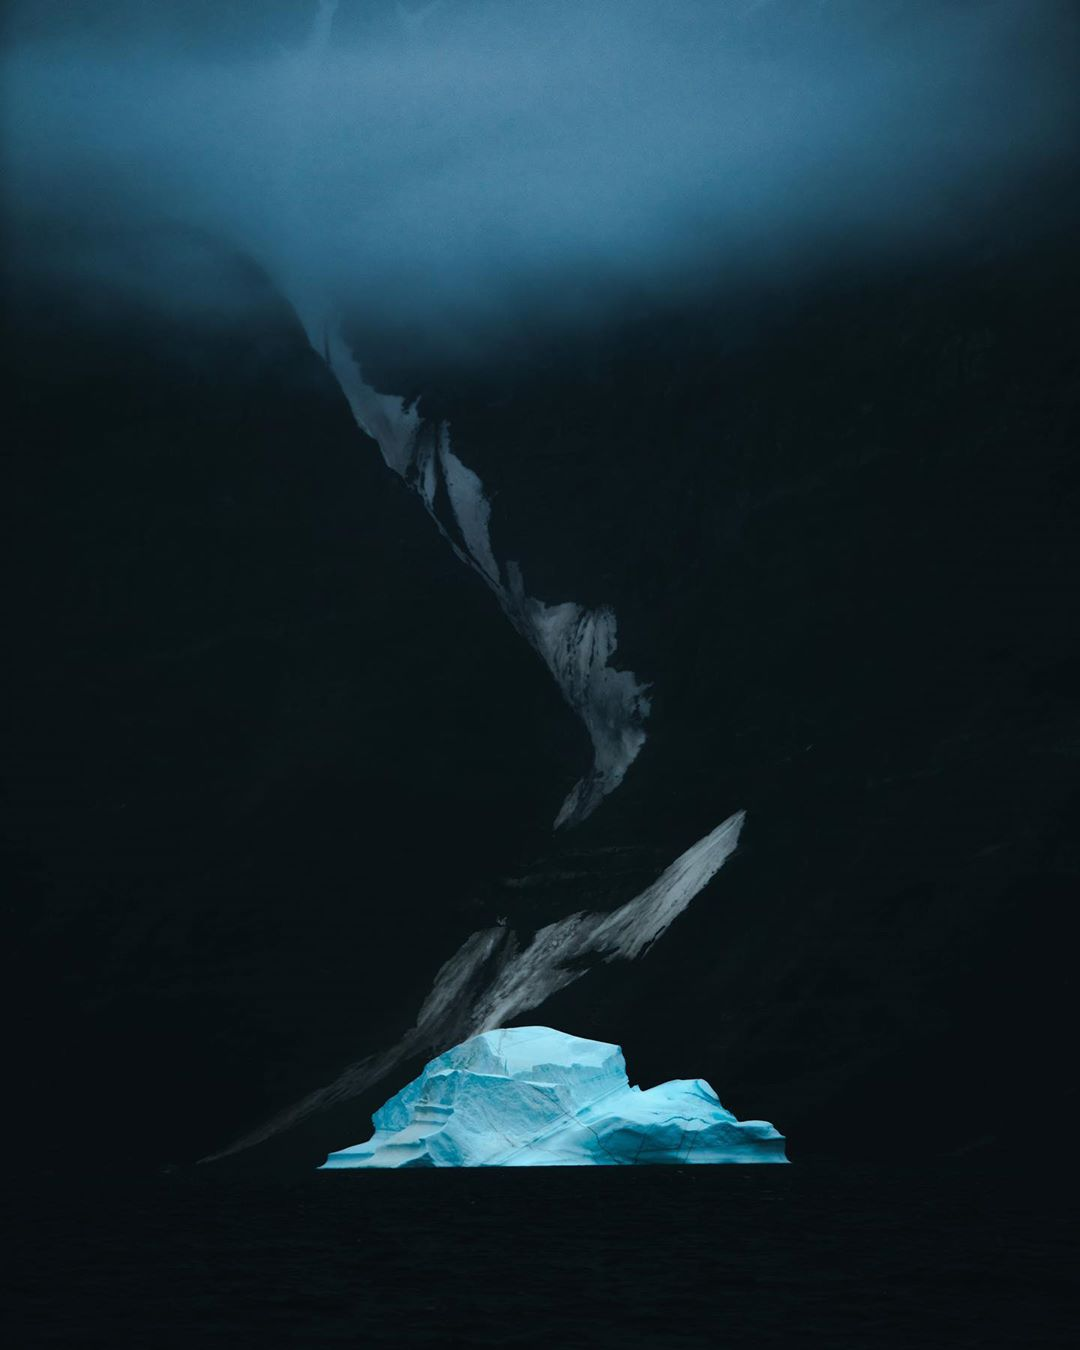 Северная красота на фотографиях Синди Рун Гренландия,Дания,Скандинавия,тревел-фото